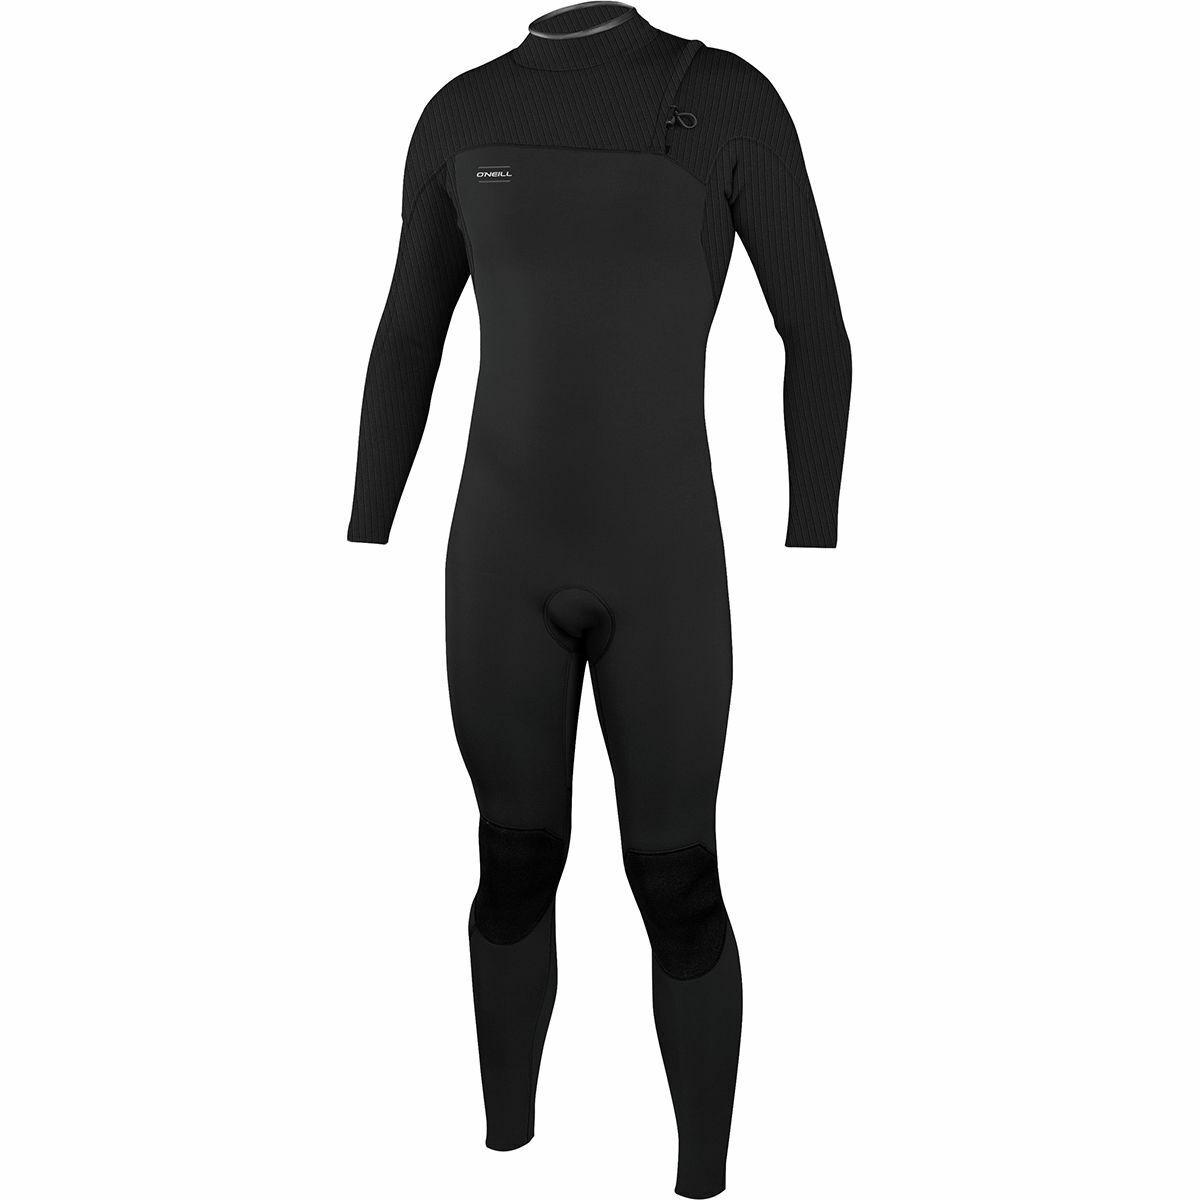 O'Neill Hyperfreak Comp 3 2 Zipper Full Wetsuit